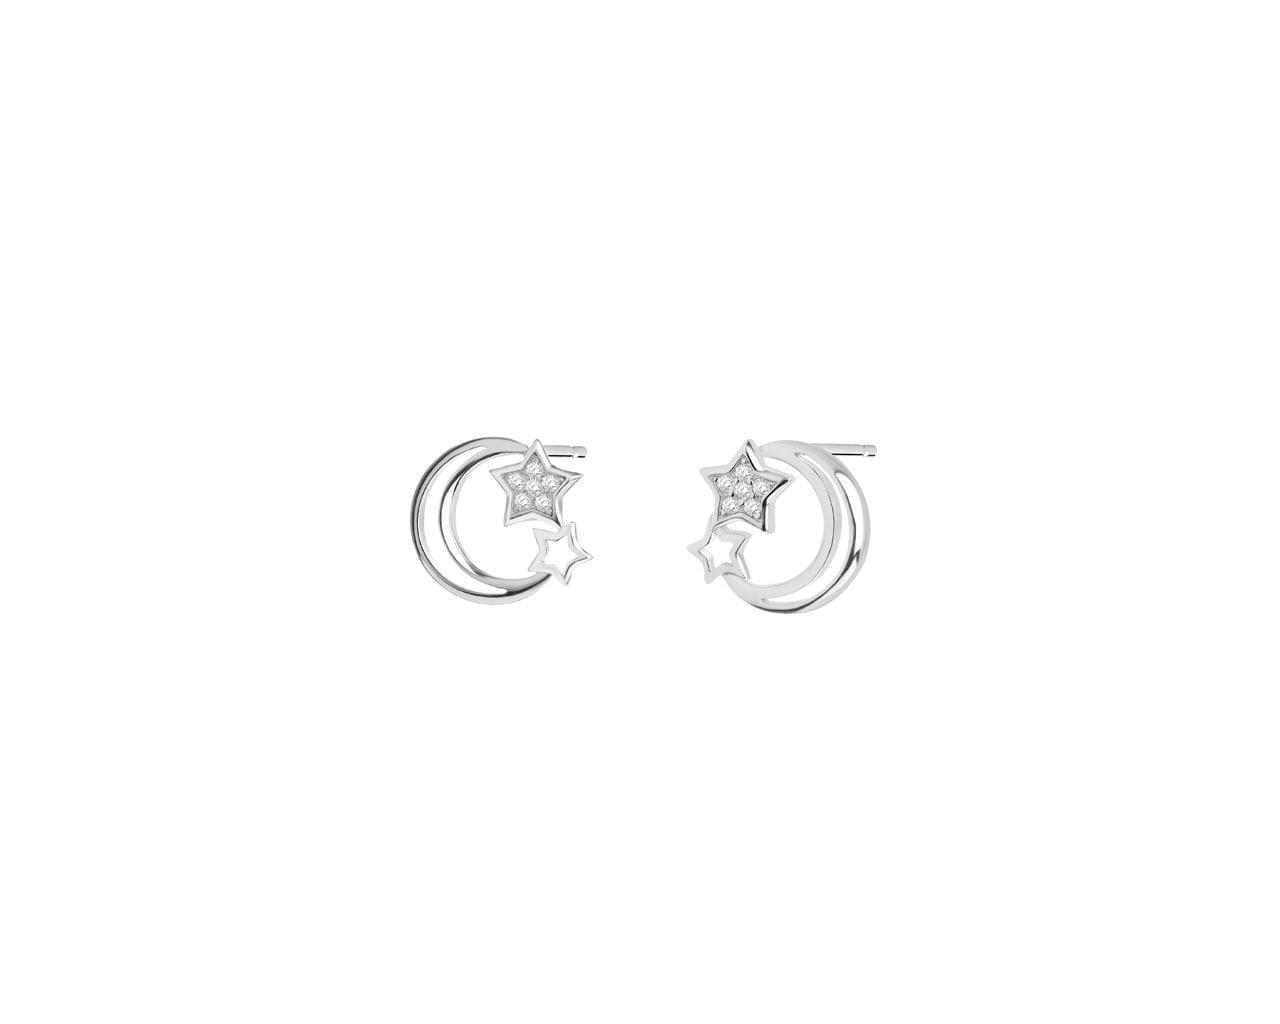 824a2fb73aefb9 Kolczyki srebrne z cyrkoniami - gwiazdki, księżyc